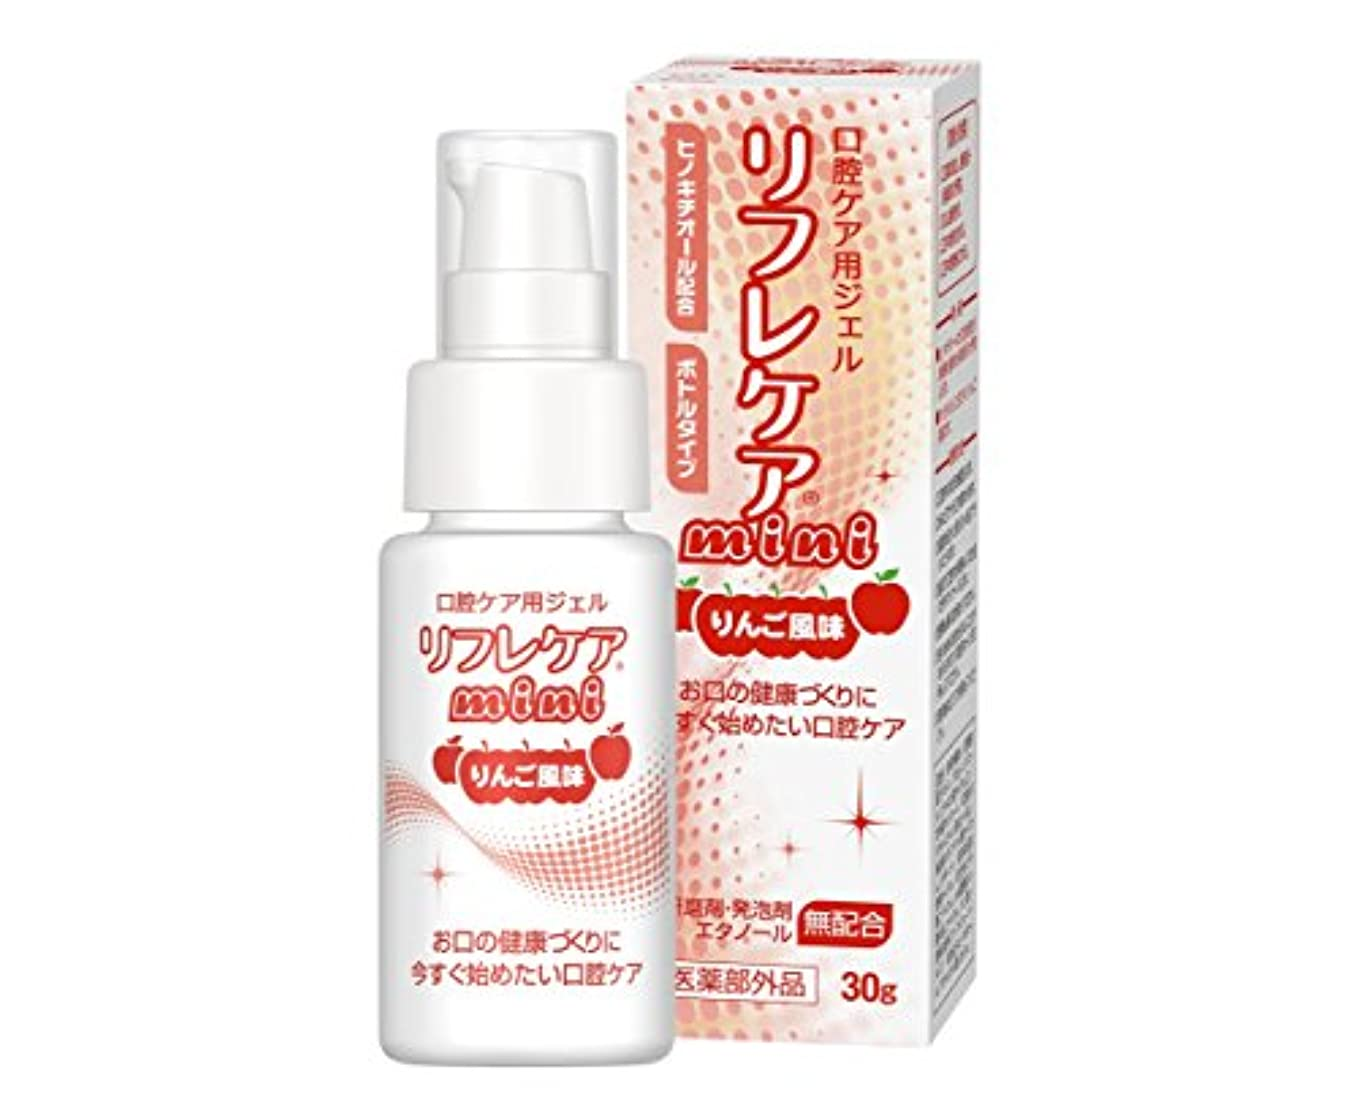 リフレケアmini(りんご風味) 30g [医薬部外品]